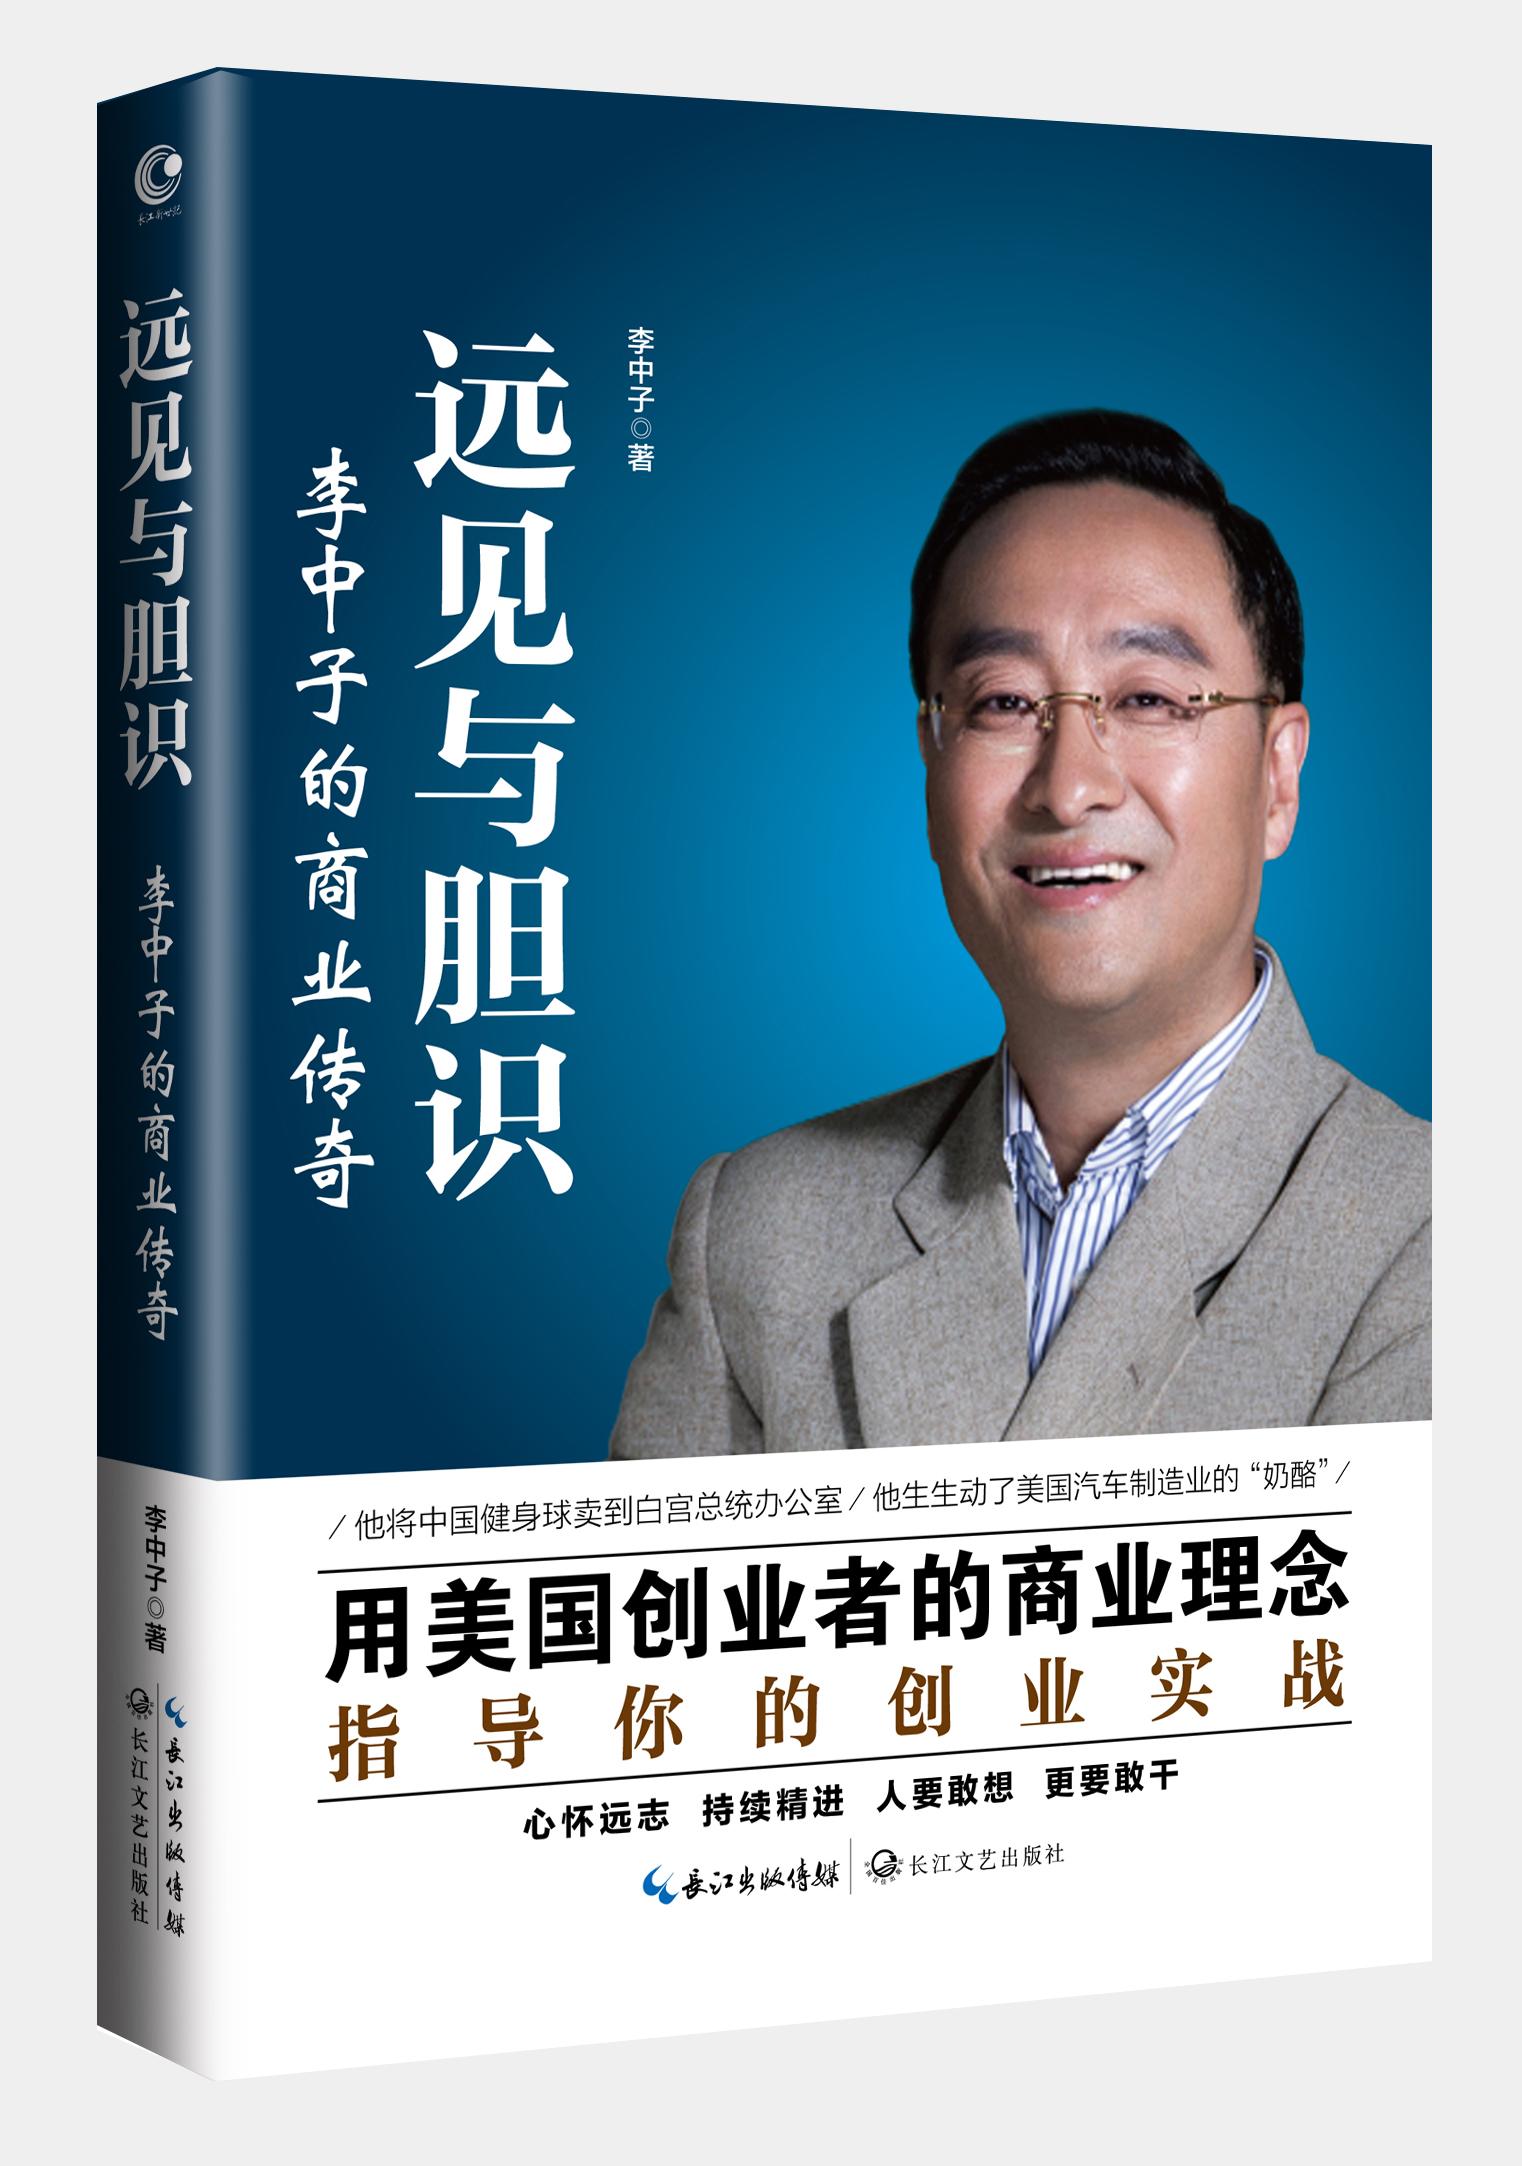 远见与胆识:李中子的商业传奇